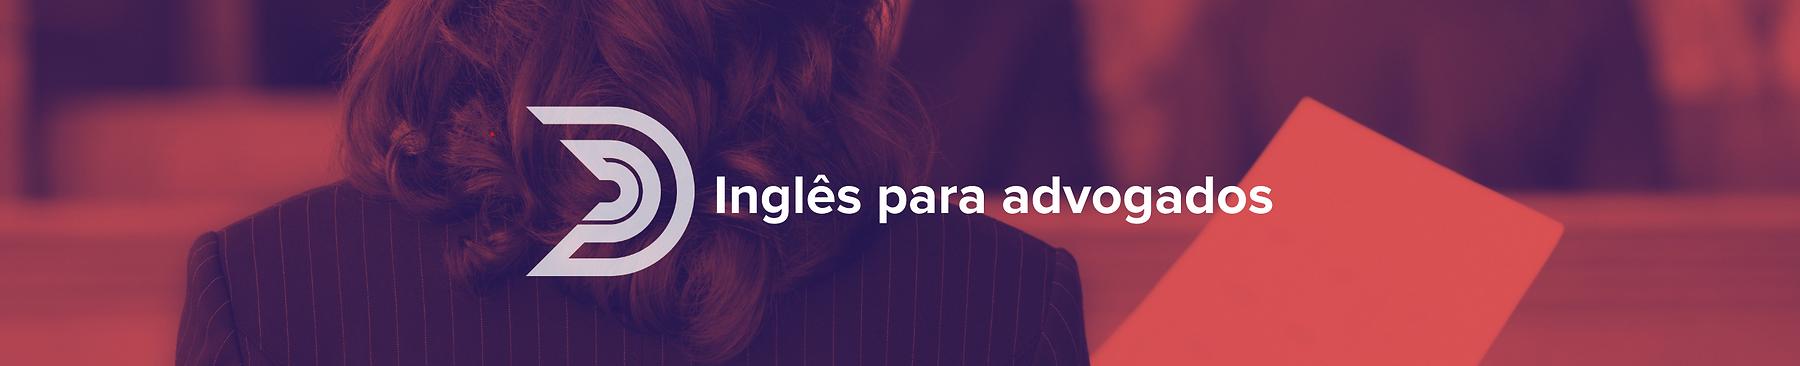 inglês para advogados.png